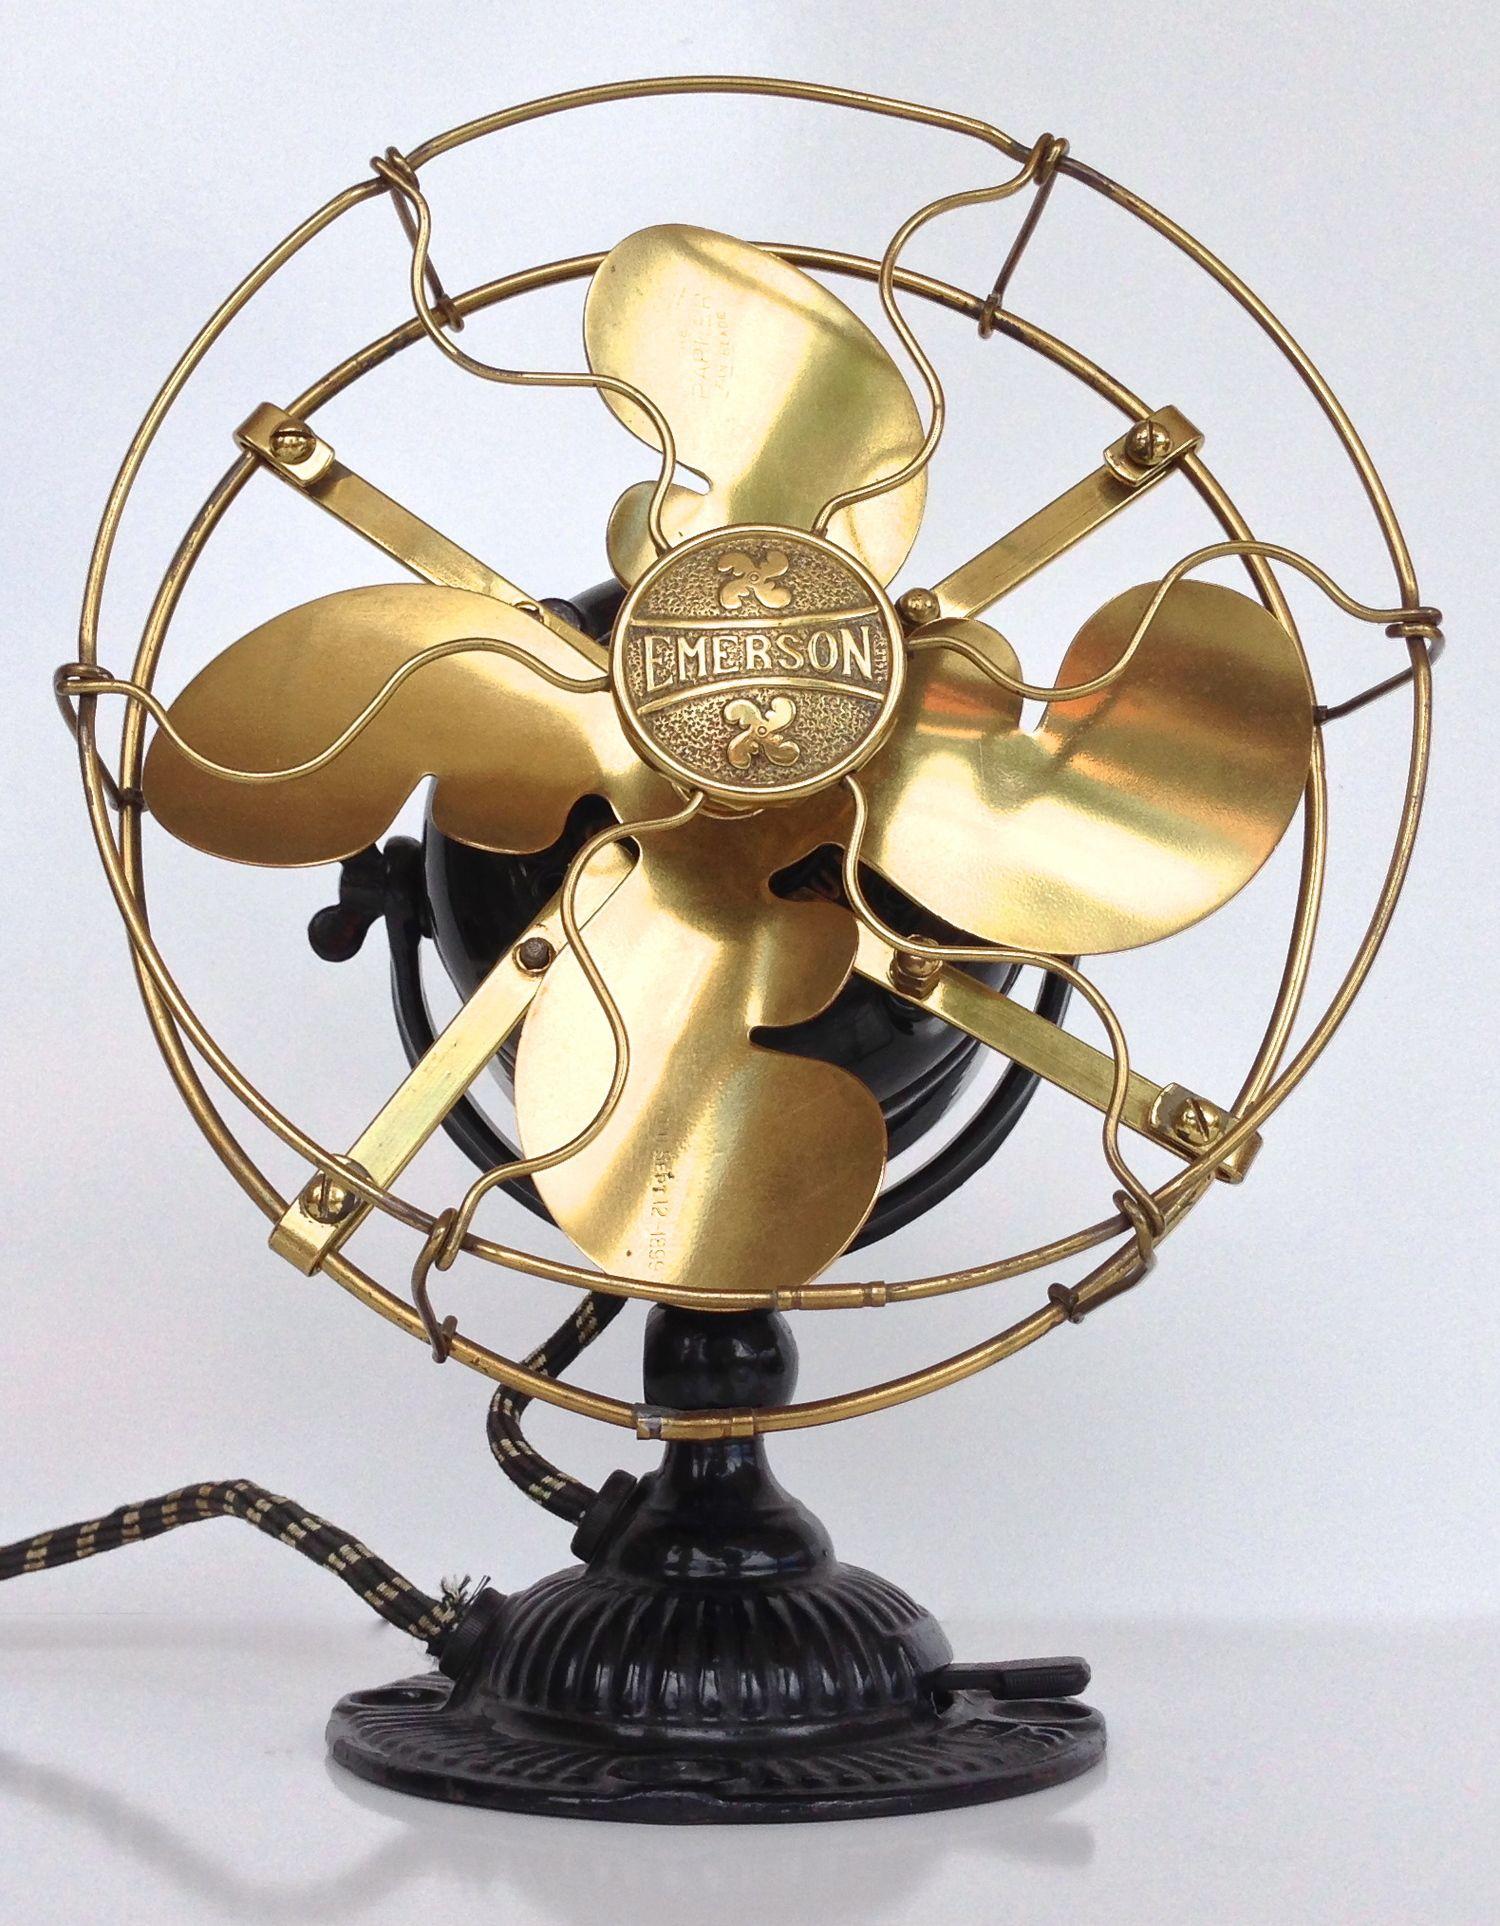 1910 Emerson 8 11644 Antique Fans Emerson Fan Vintage Fans